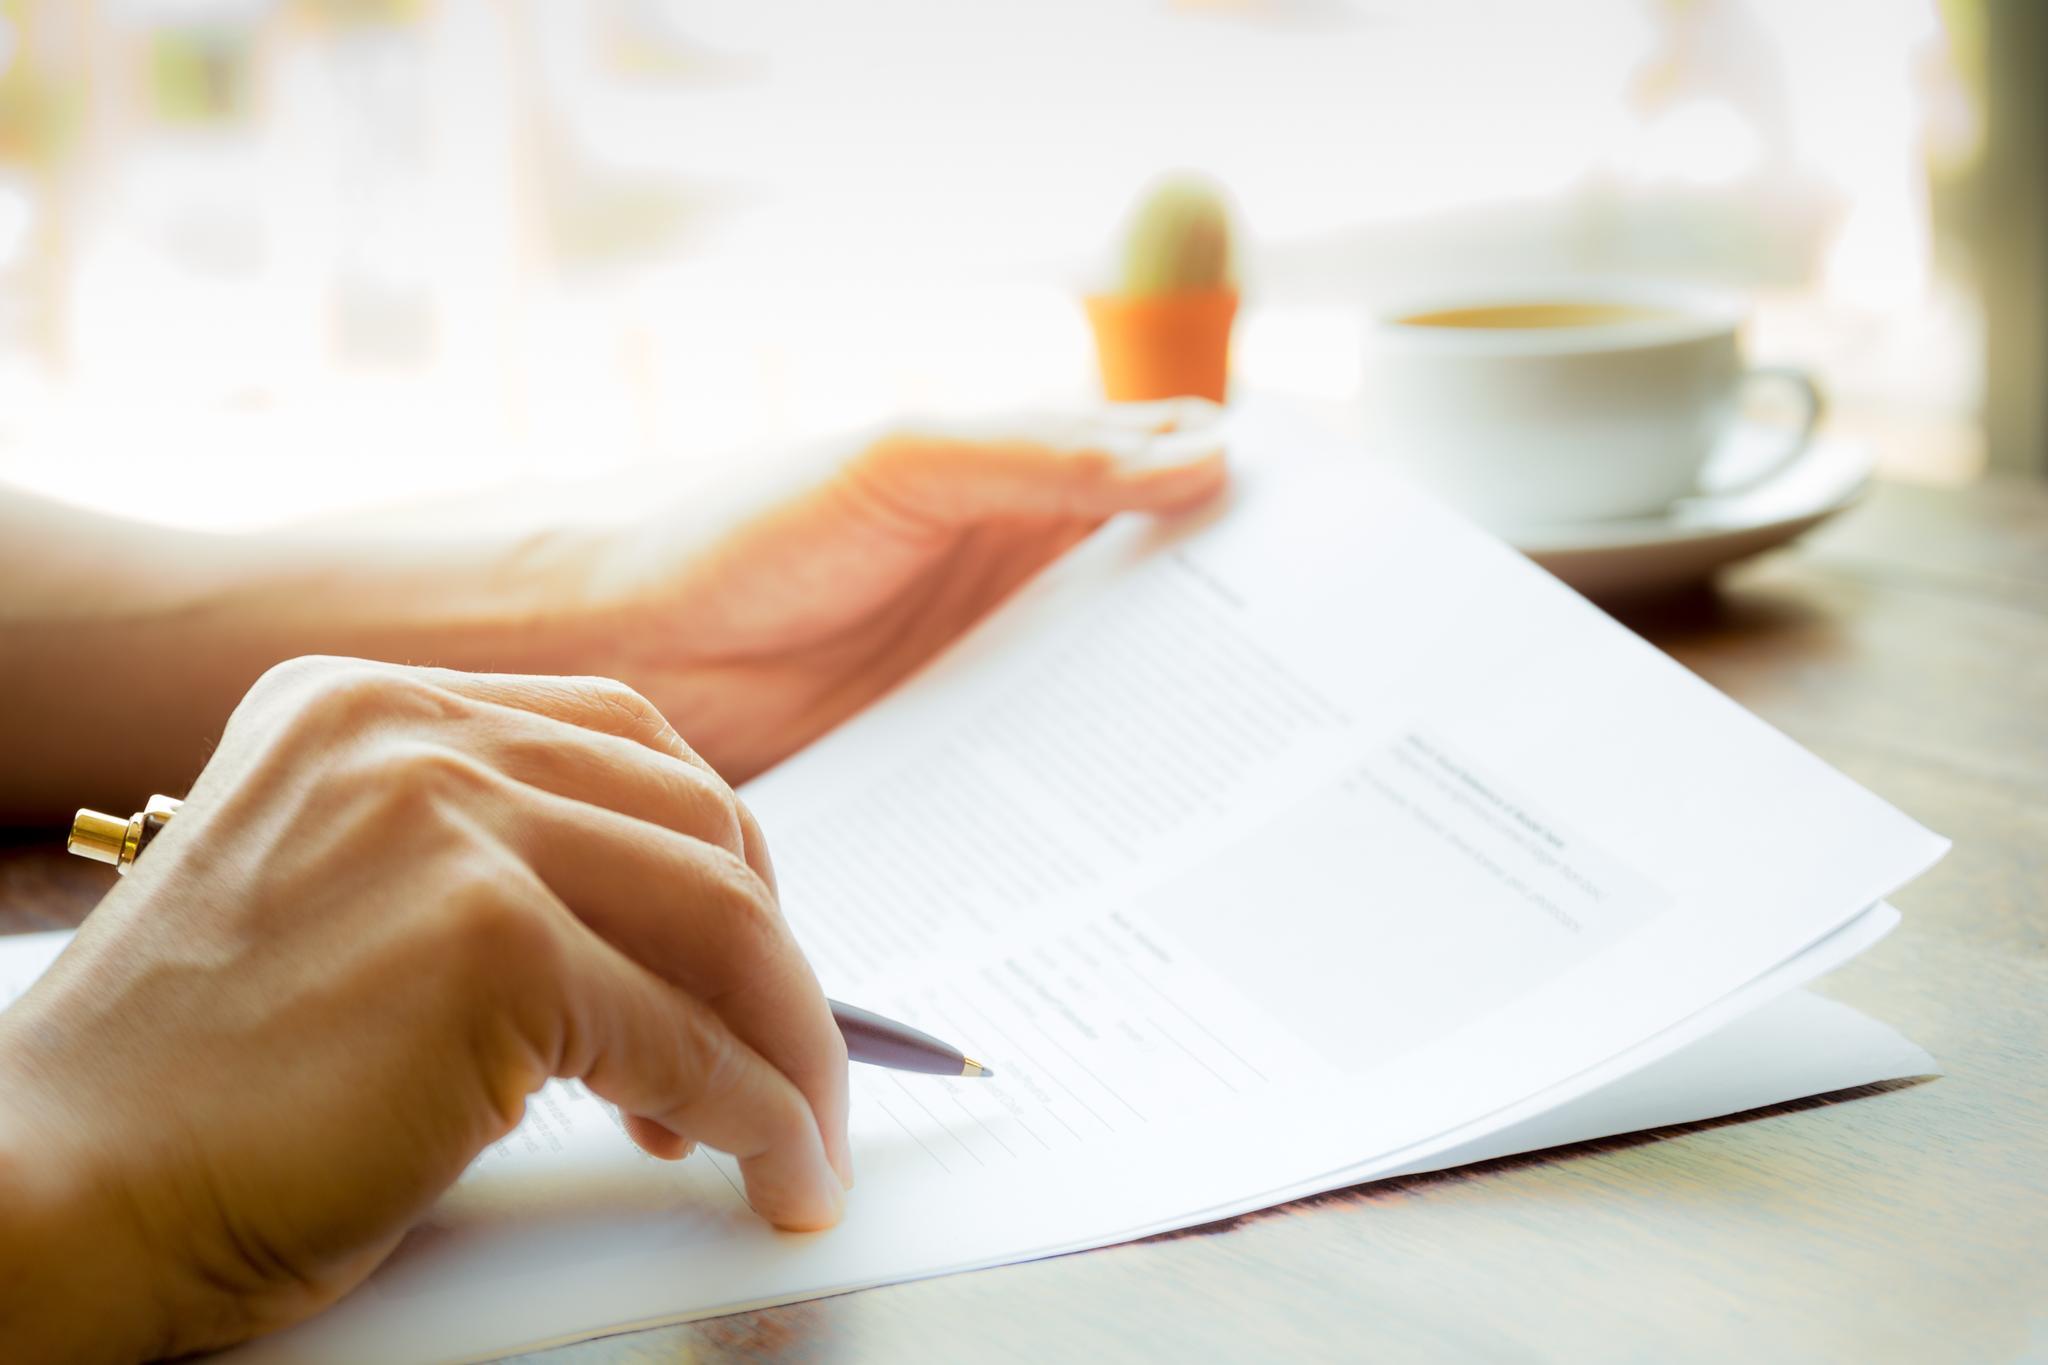 Frauenhand mit Kugelschreiber über Briefpapier